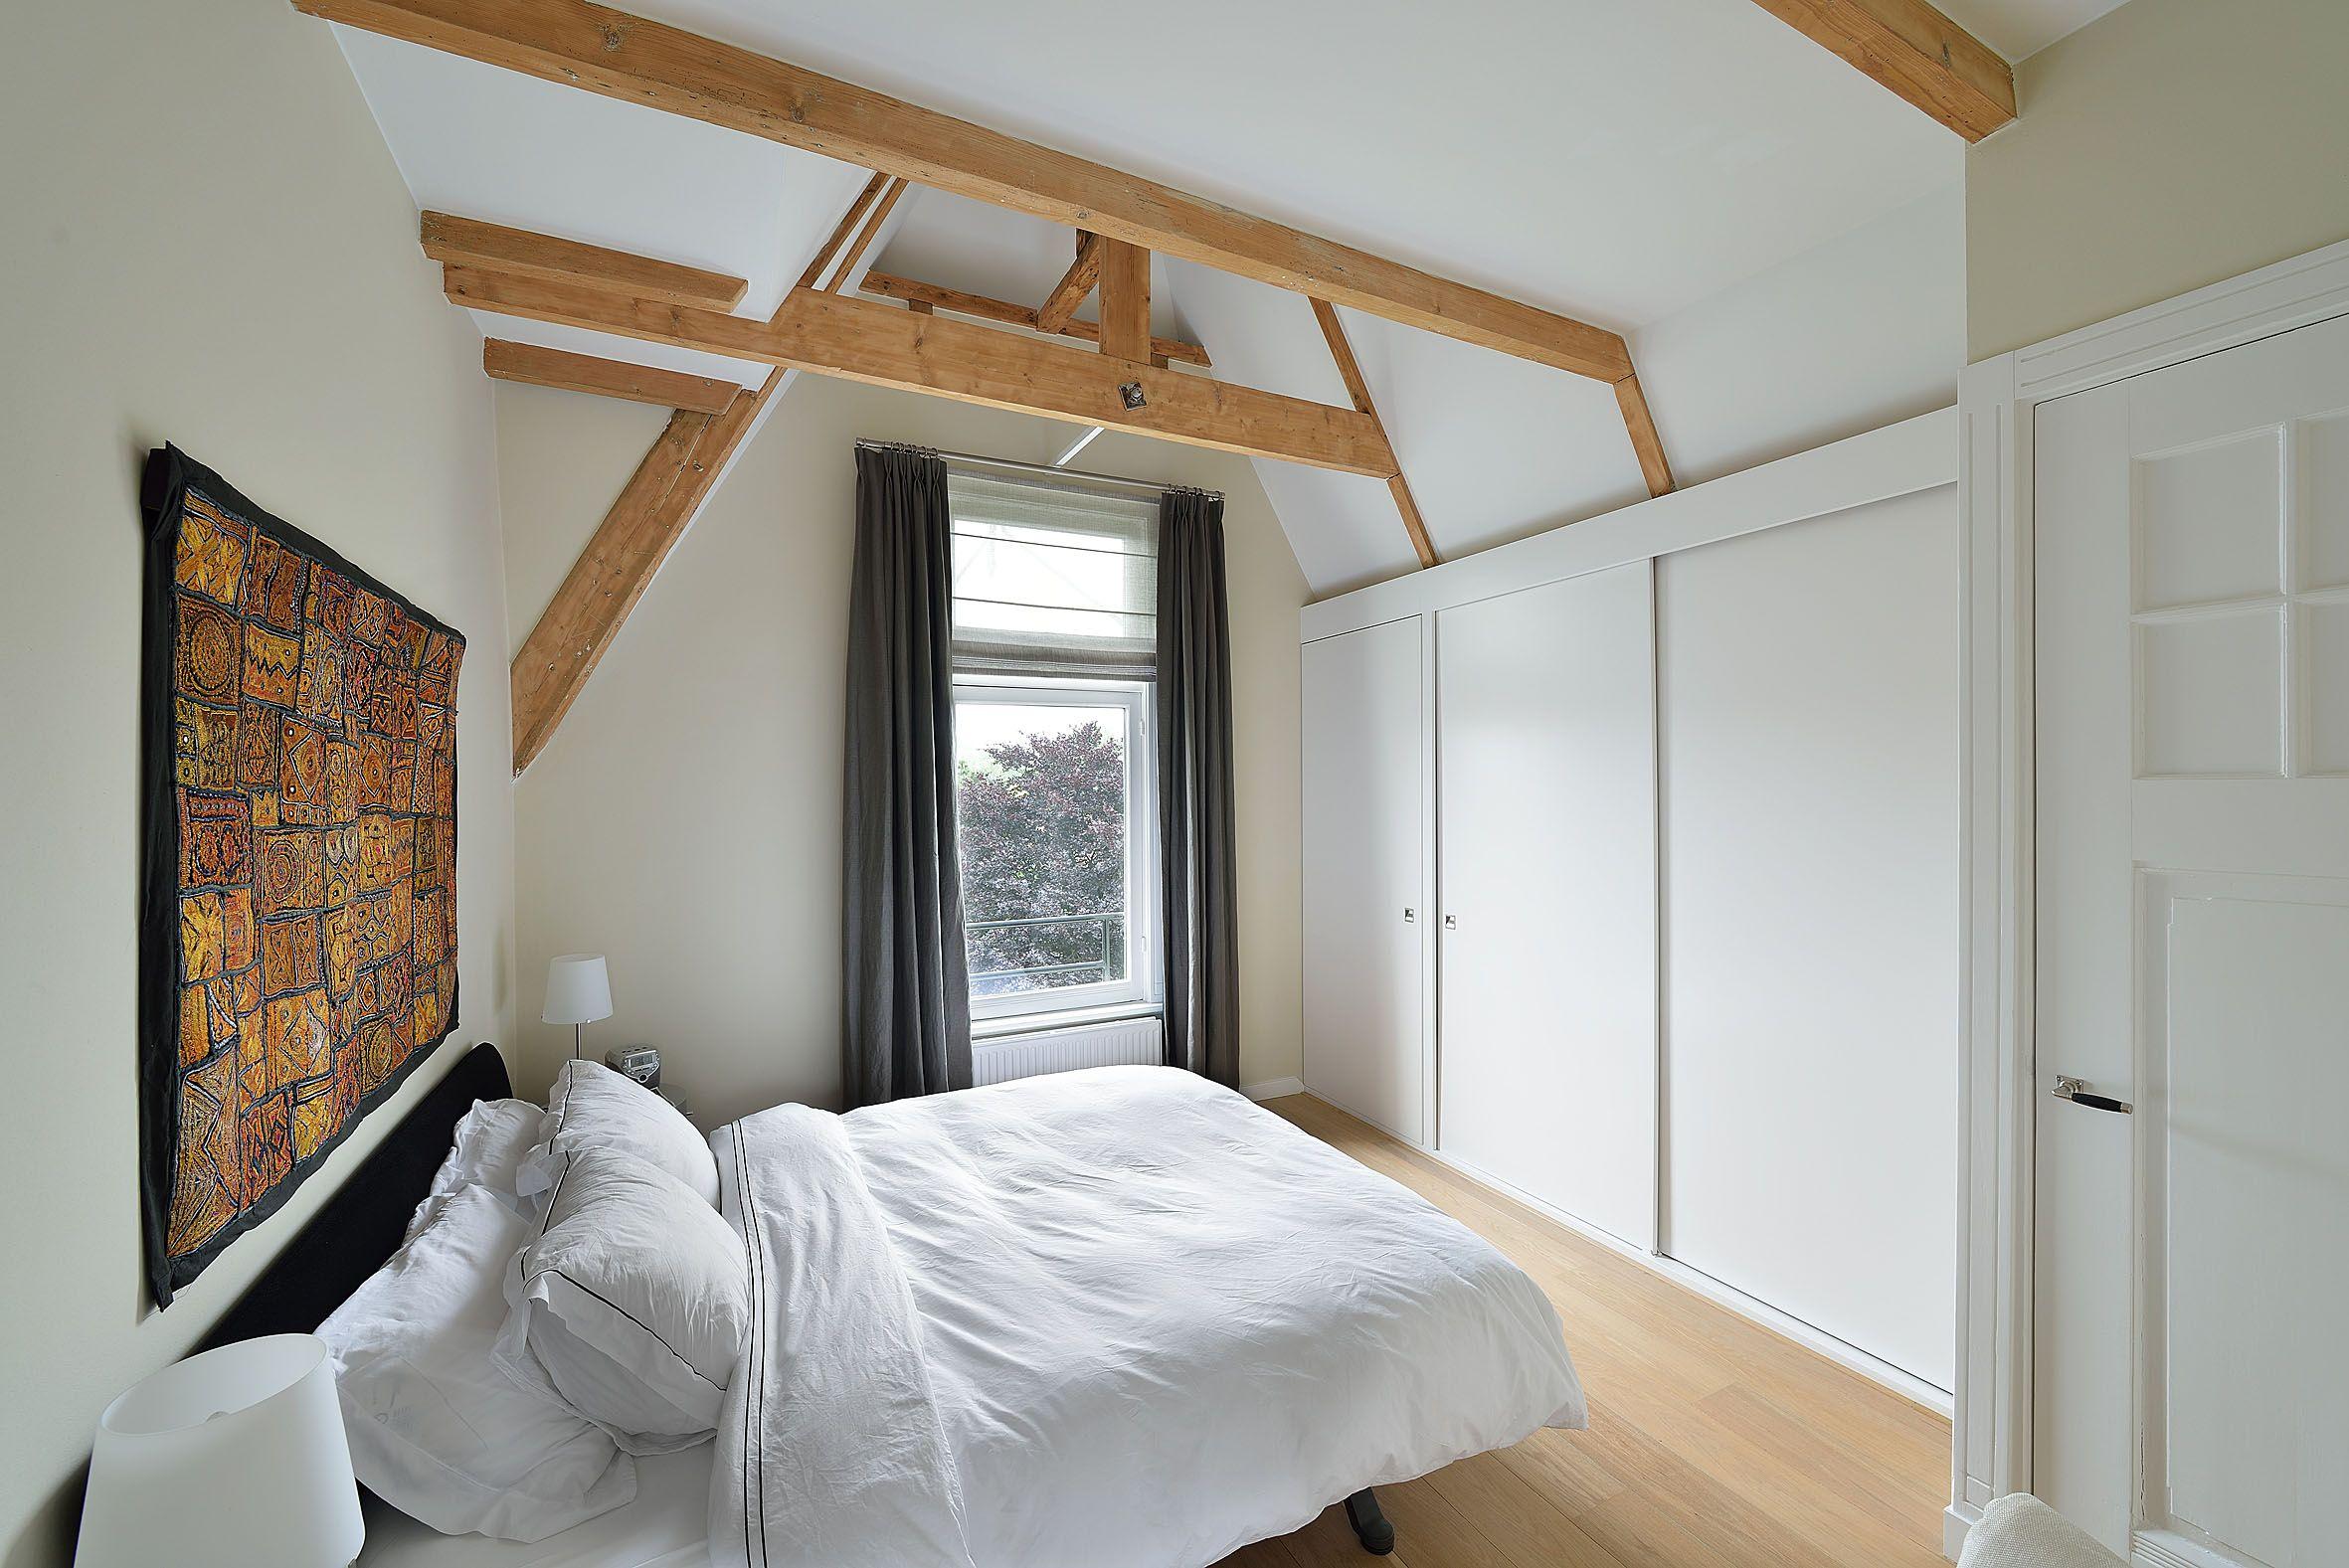 Luxe Slaapkamer Ideen : Slaapkamer met houten spanten in het zicht keukens pinterest